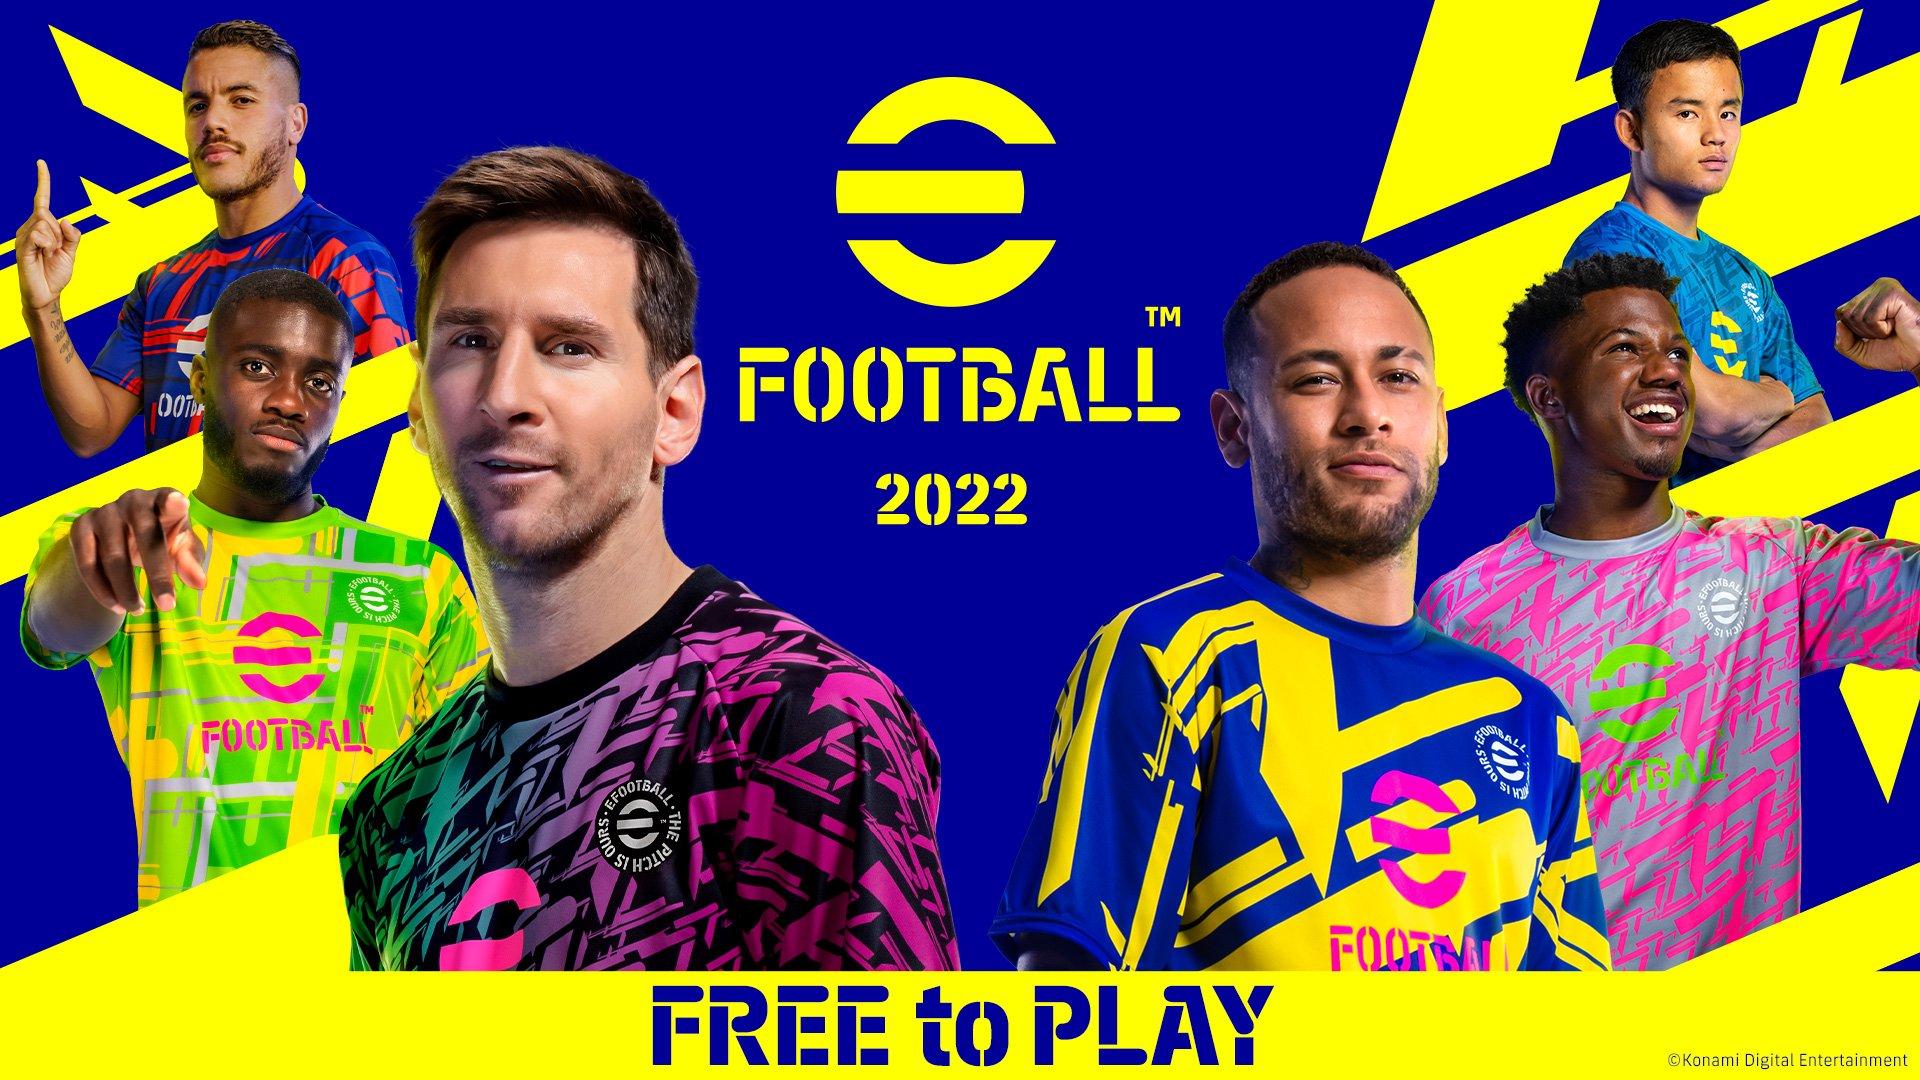 Arriva eFootball 2022 ed è gratis